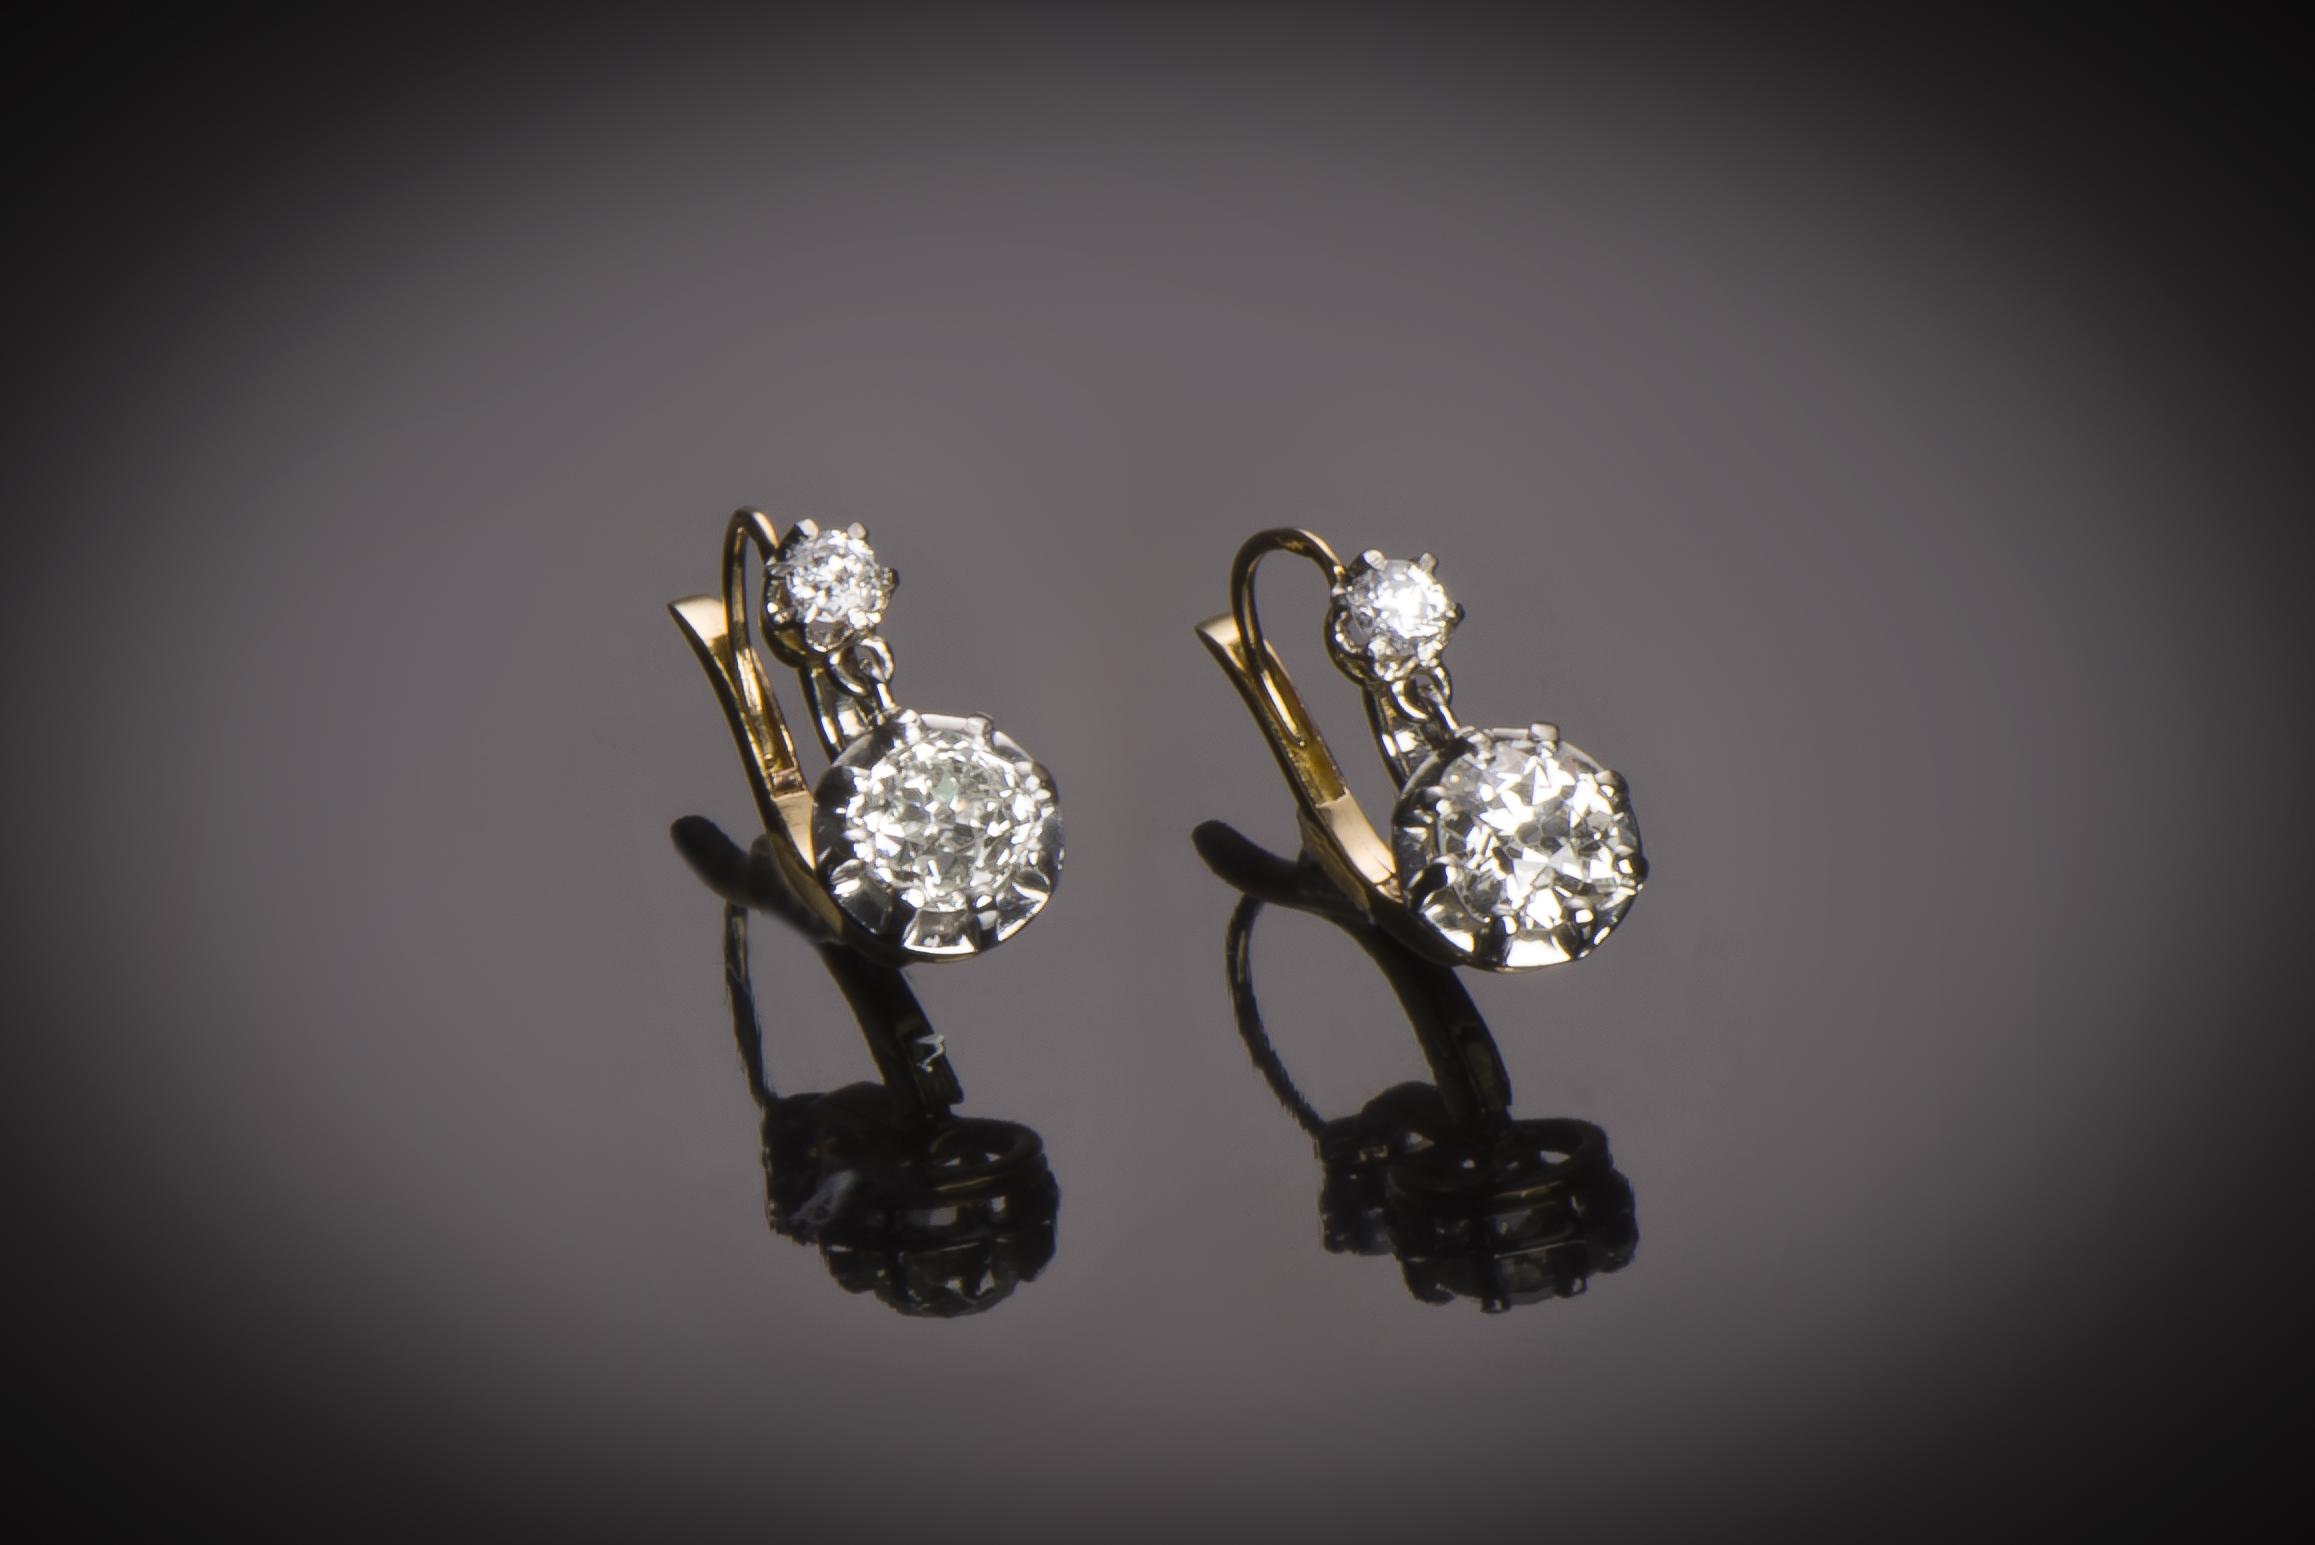 Boucles d'oreilles diamants (2 carats) vers 1900-1